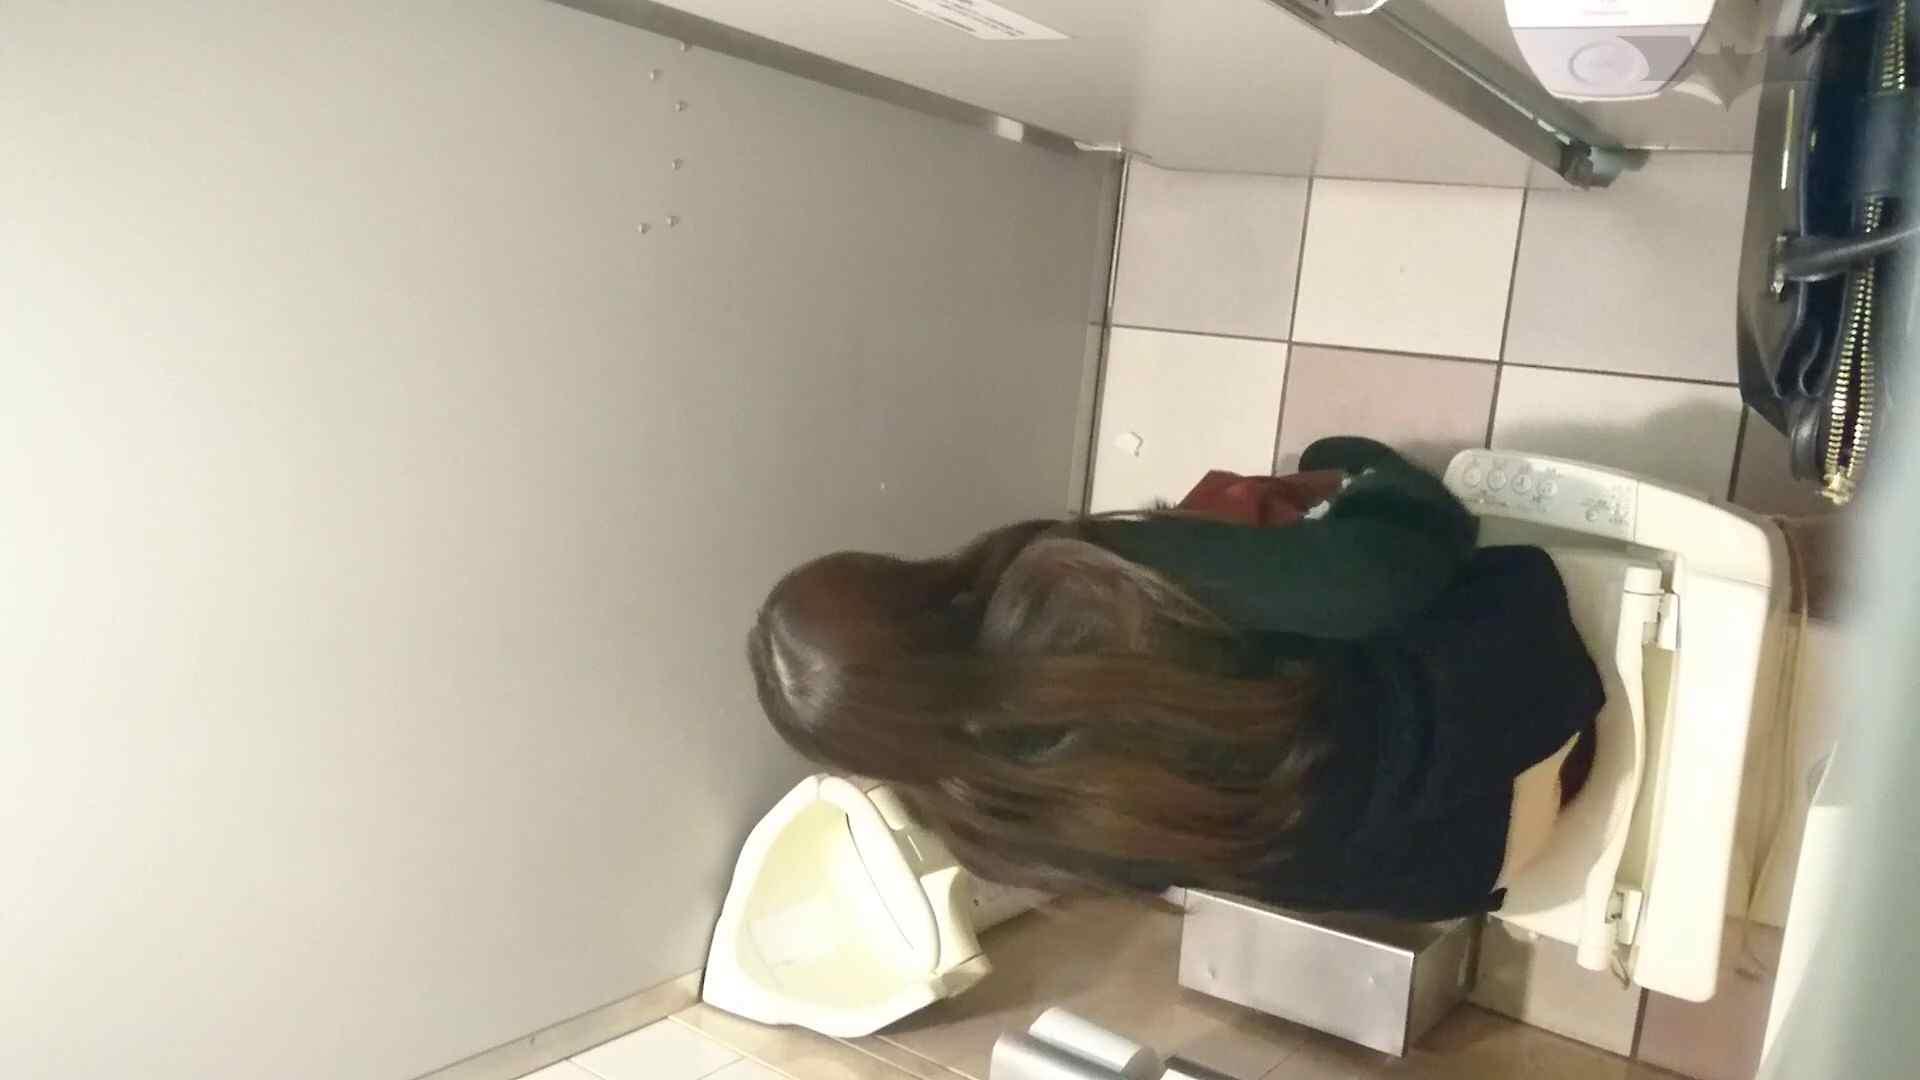 化粧室絵巻 ショッピングモール編 VOL.11 高画質 AV無料動画キャプチャ 83画像 34